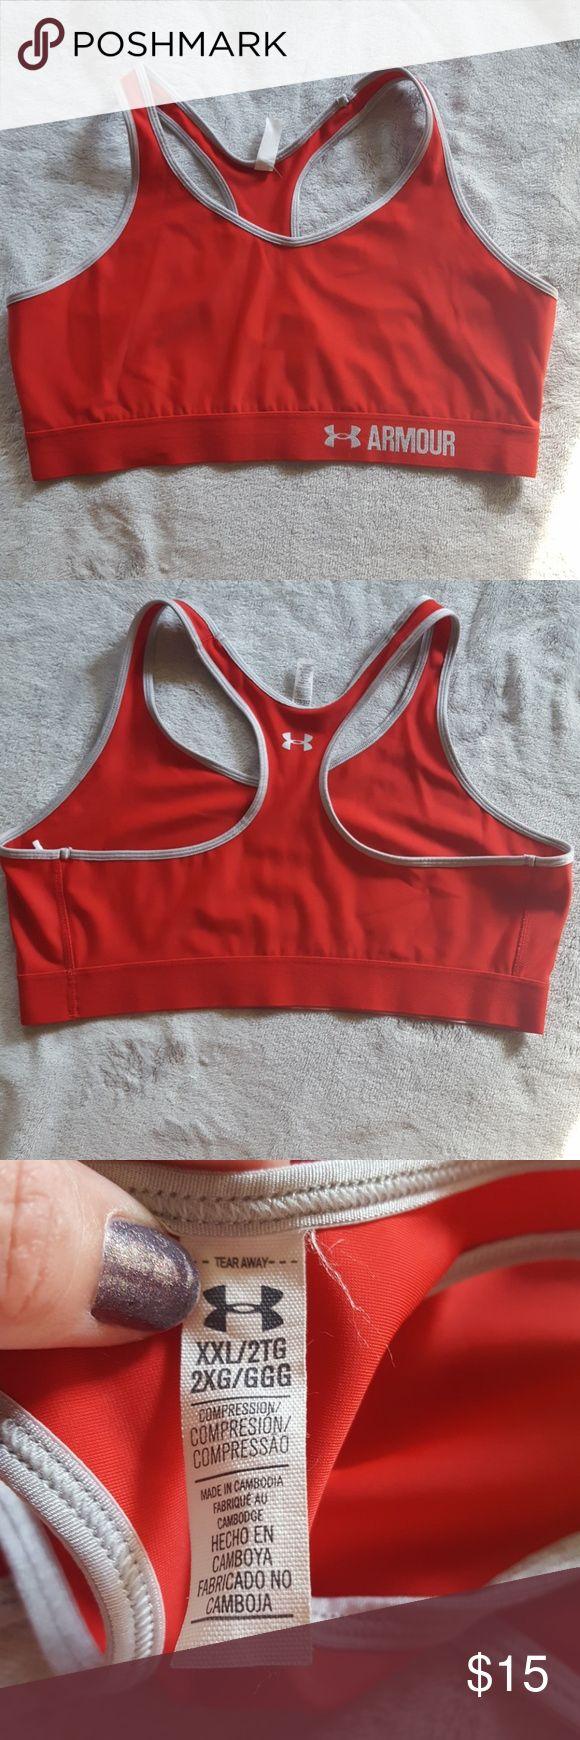 Women's Under Armour sports bra Super cute red and silver sports bra from Under Armour.  No padding in this bra. Excellent condition. Under Armour Intimates & Sleepwear Bras